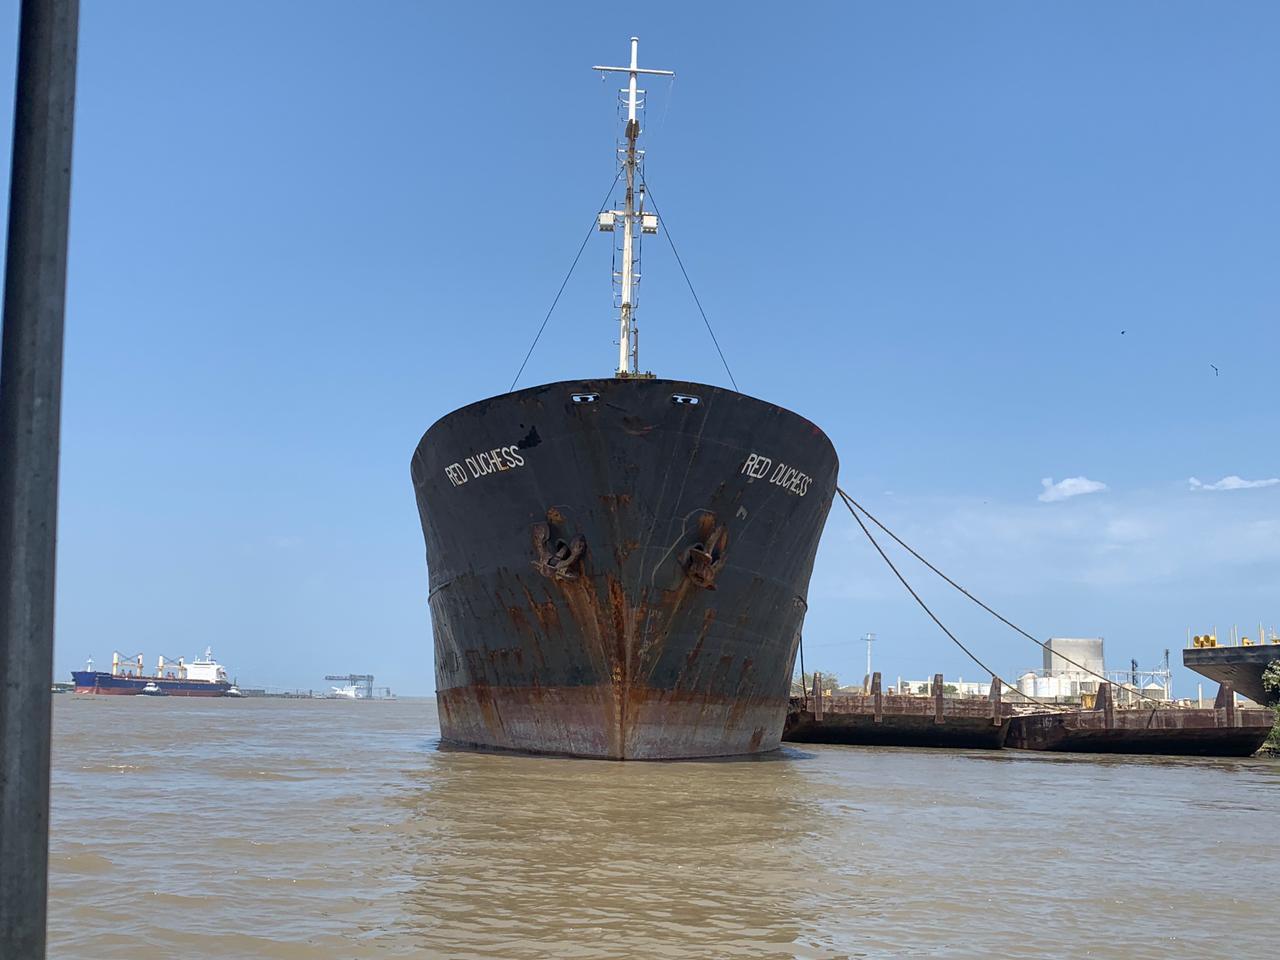 Autoridad Marítima de Colombia niega zarpe desde Barranquilla a nave de bandera de Djibouti